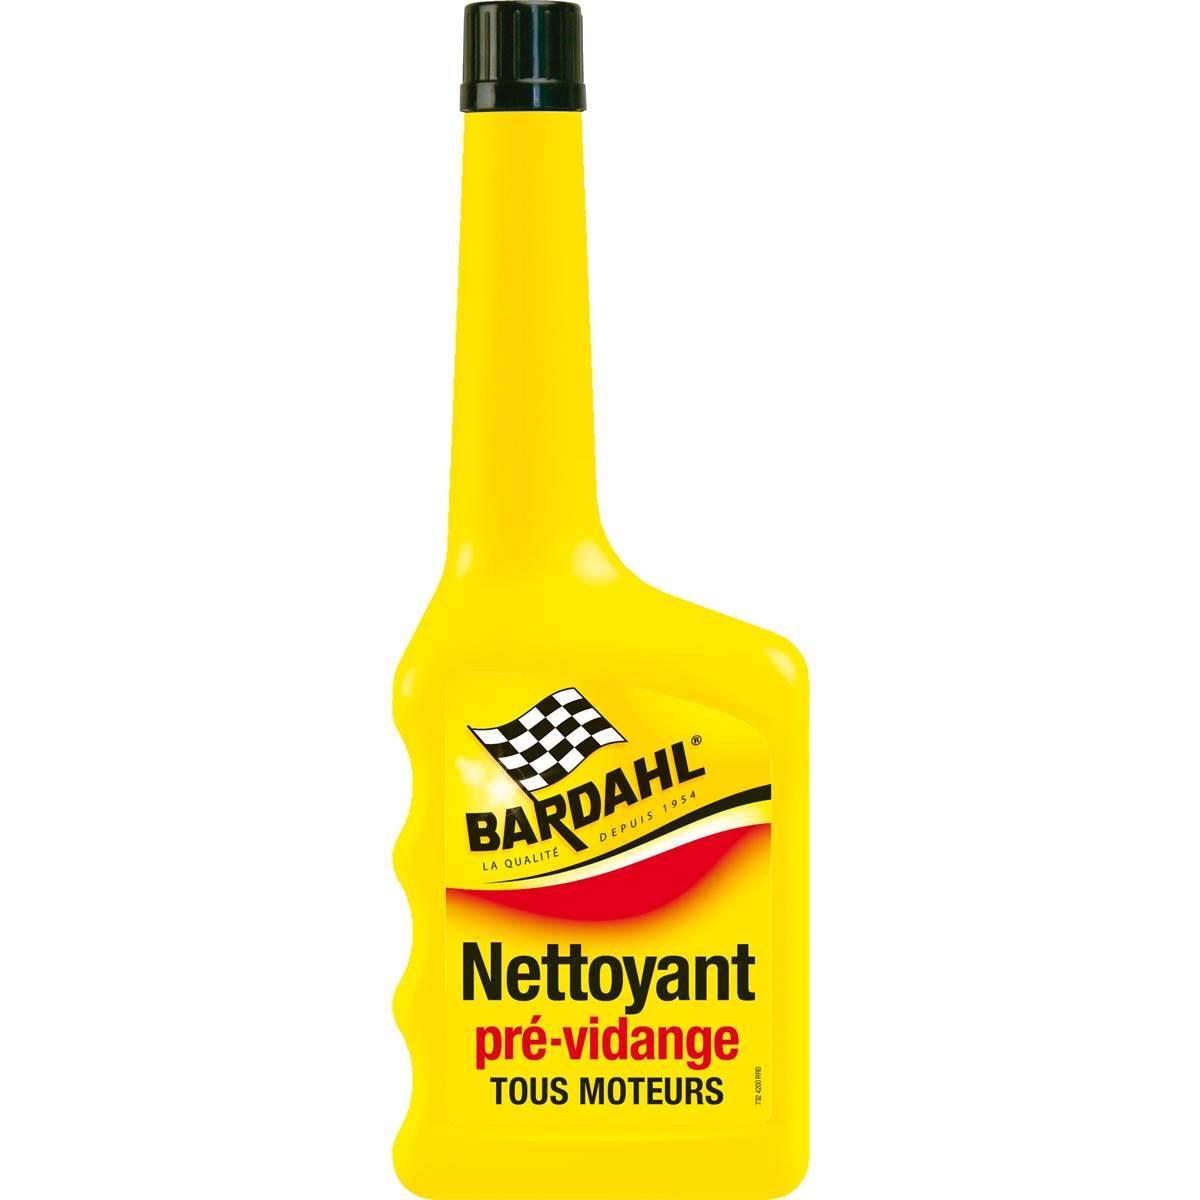 Nettoyant pré-vidange Bardahl 350 ml